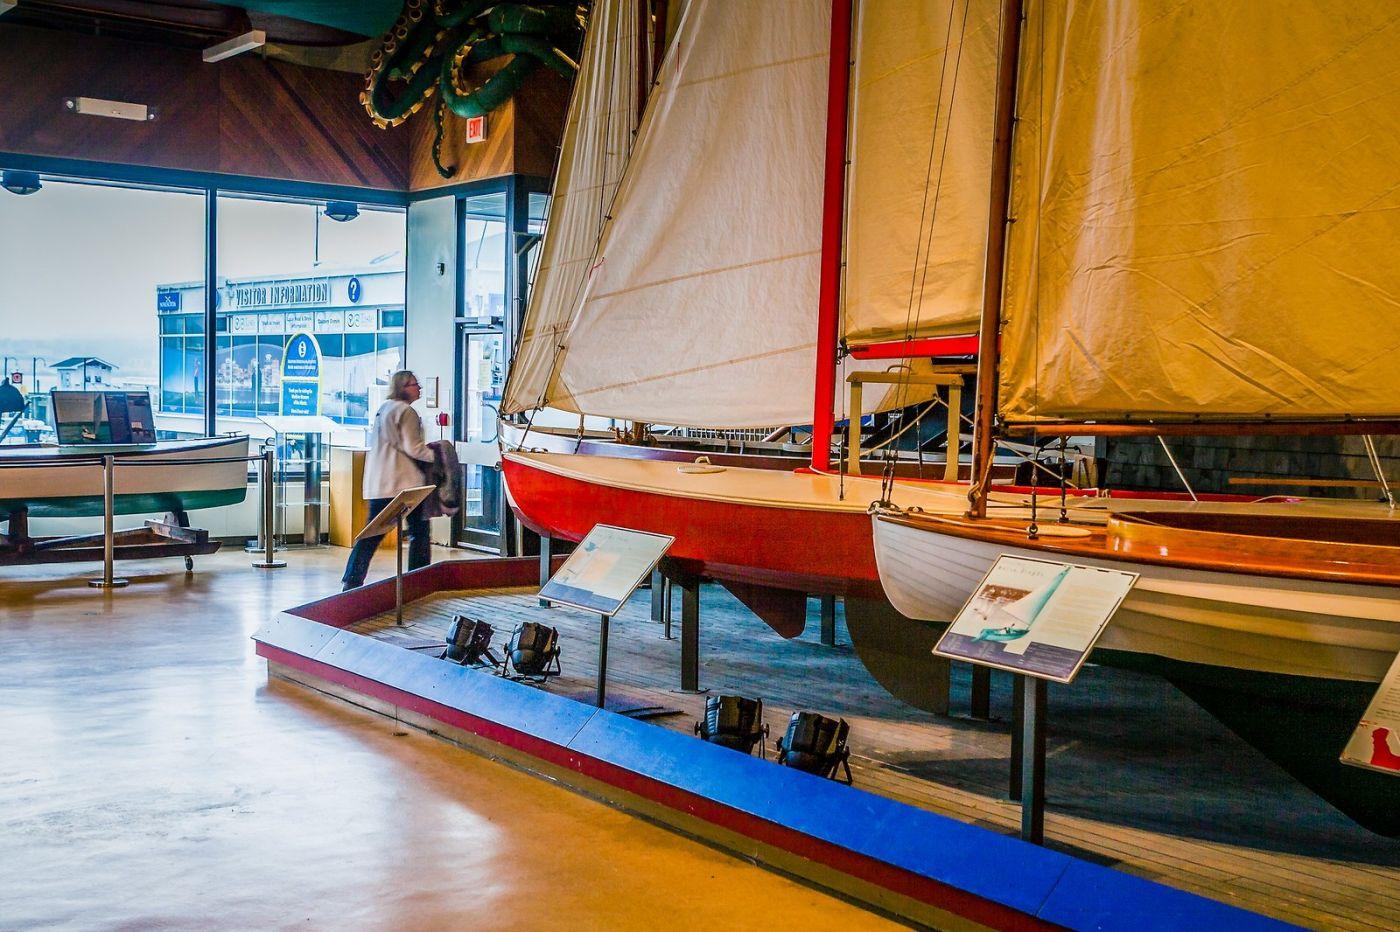 加拿大哈利法克斯(Halifax)大西洋海事博物馆_图1-20